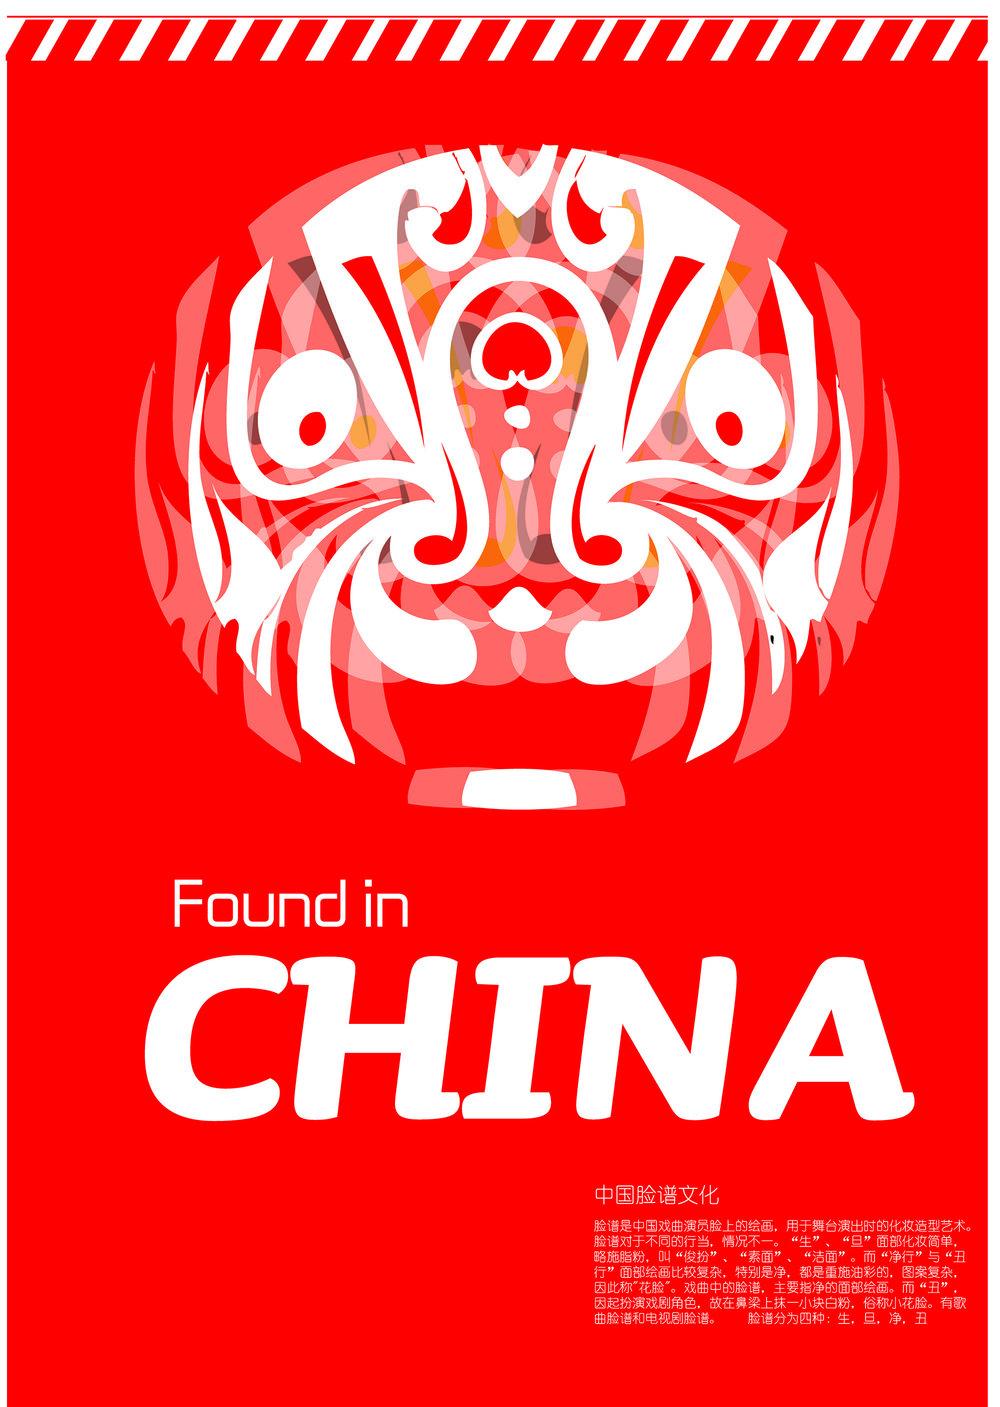 文化中国.jpg